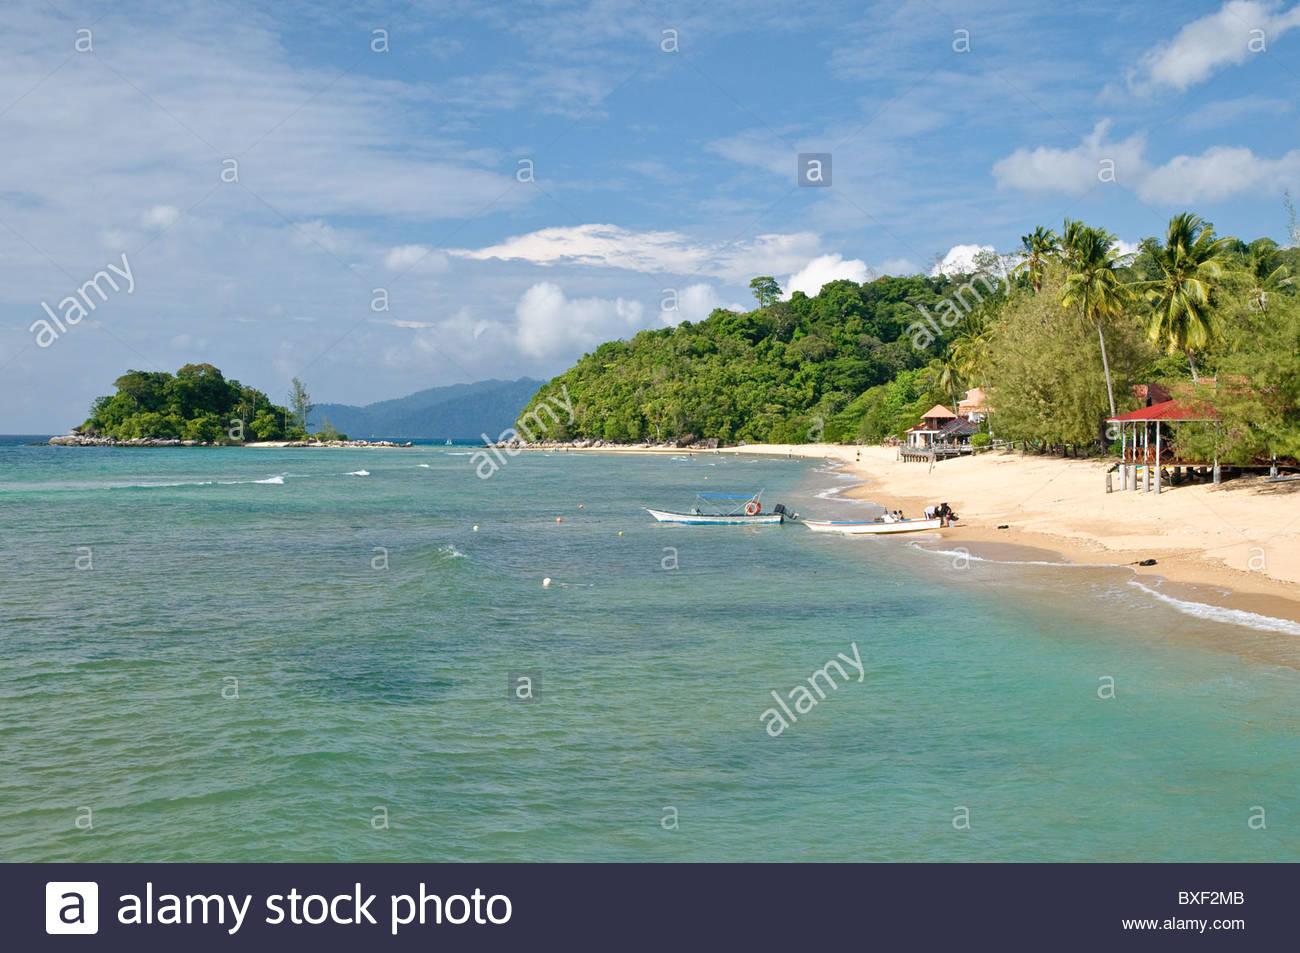 Cabañas en la playa de Paya, la isla de Pulau Tioman, Malasia, Sudeste Asiático, Asia Foto de stock